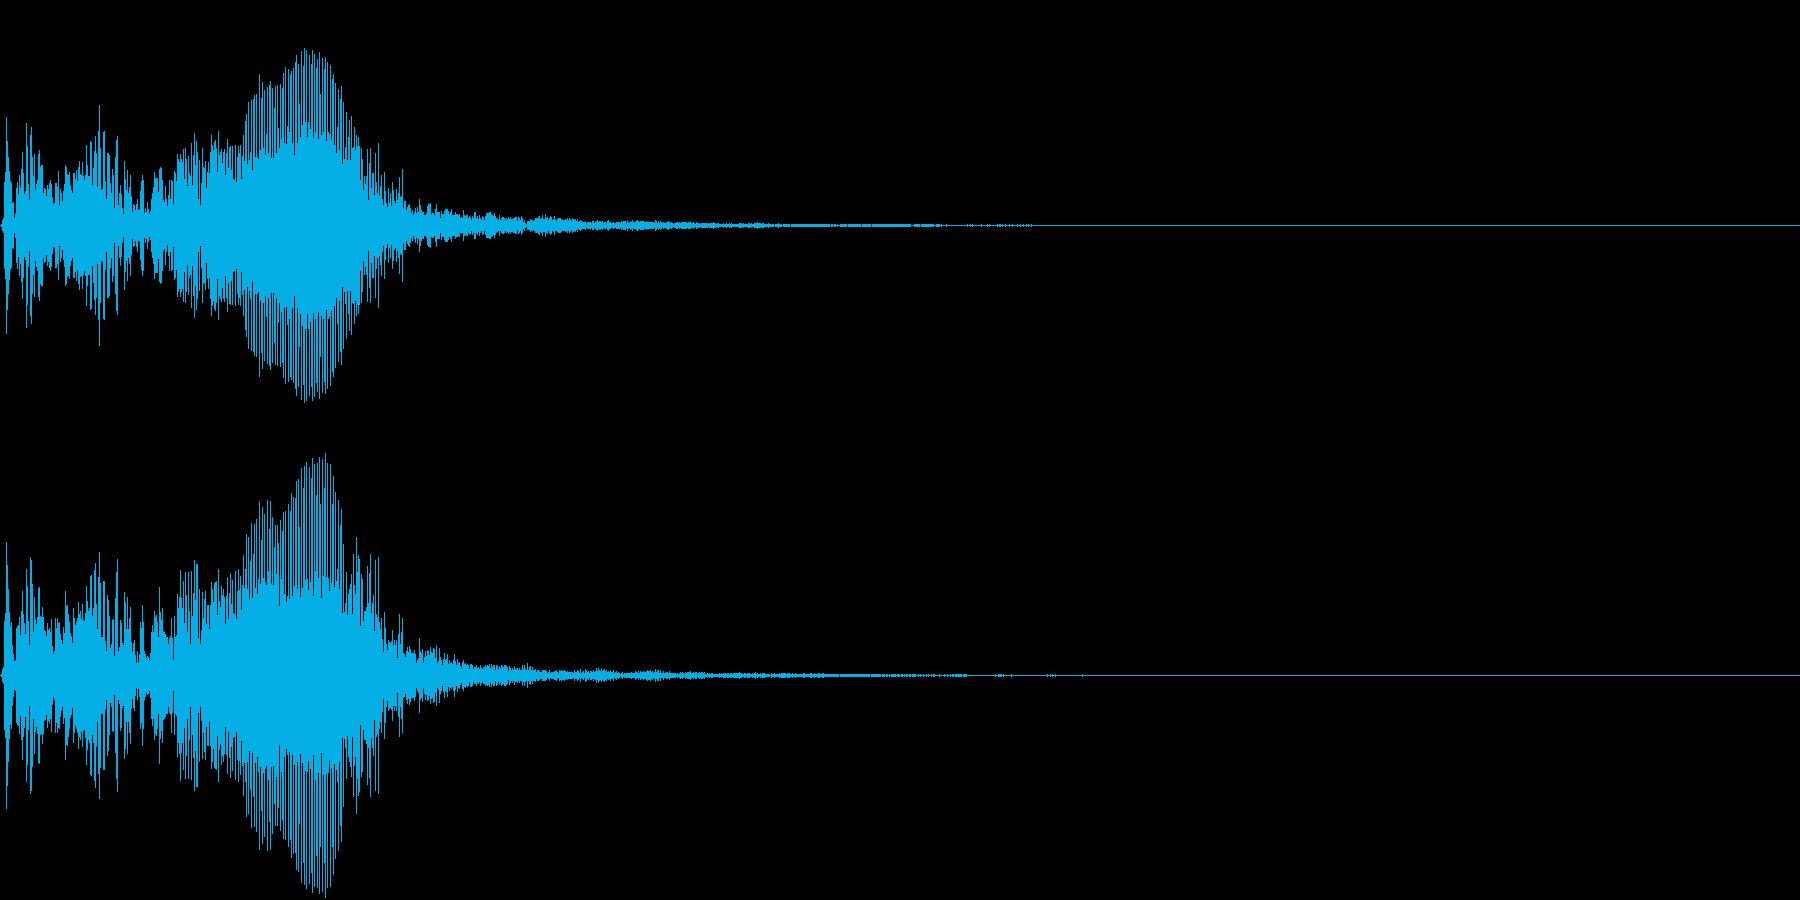 【生録音】フラミンゴの鳴き声 6の再生済みの波形